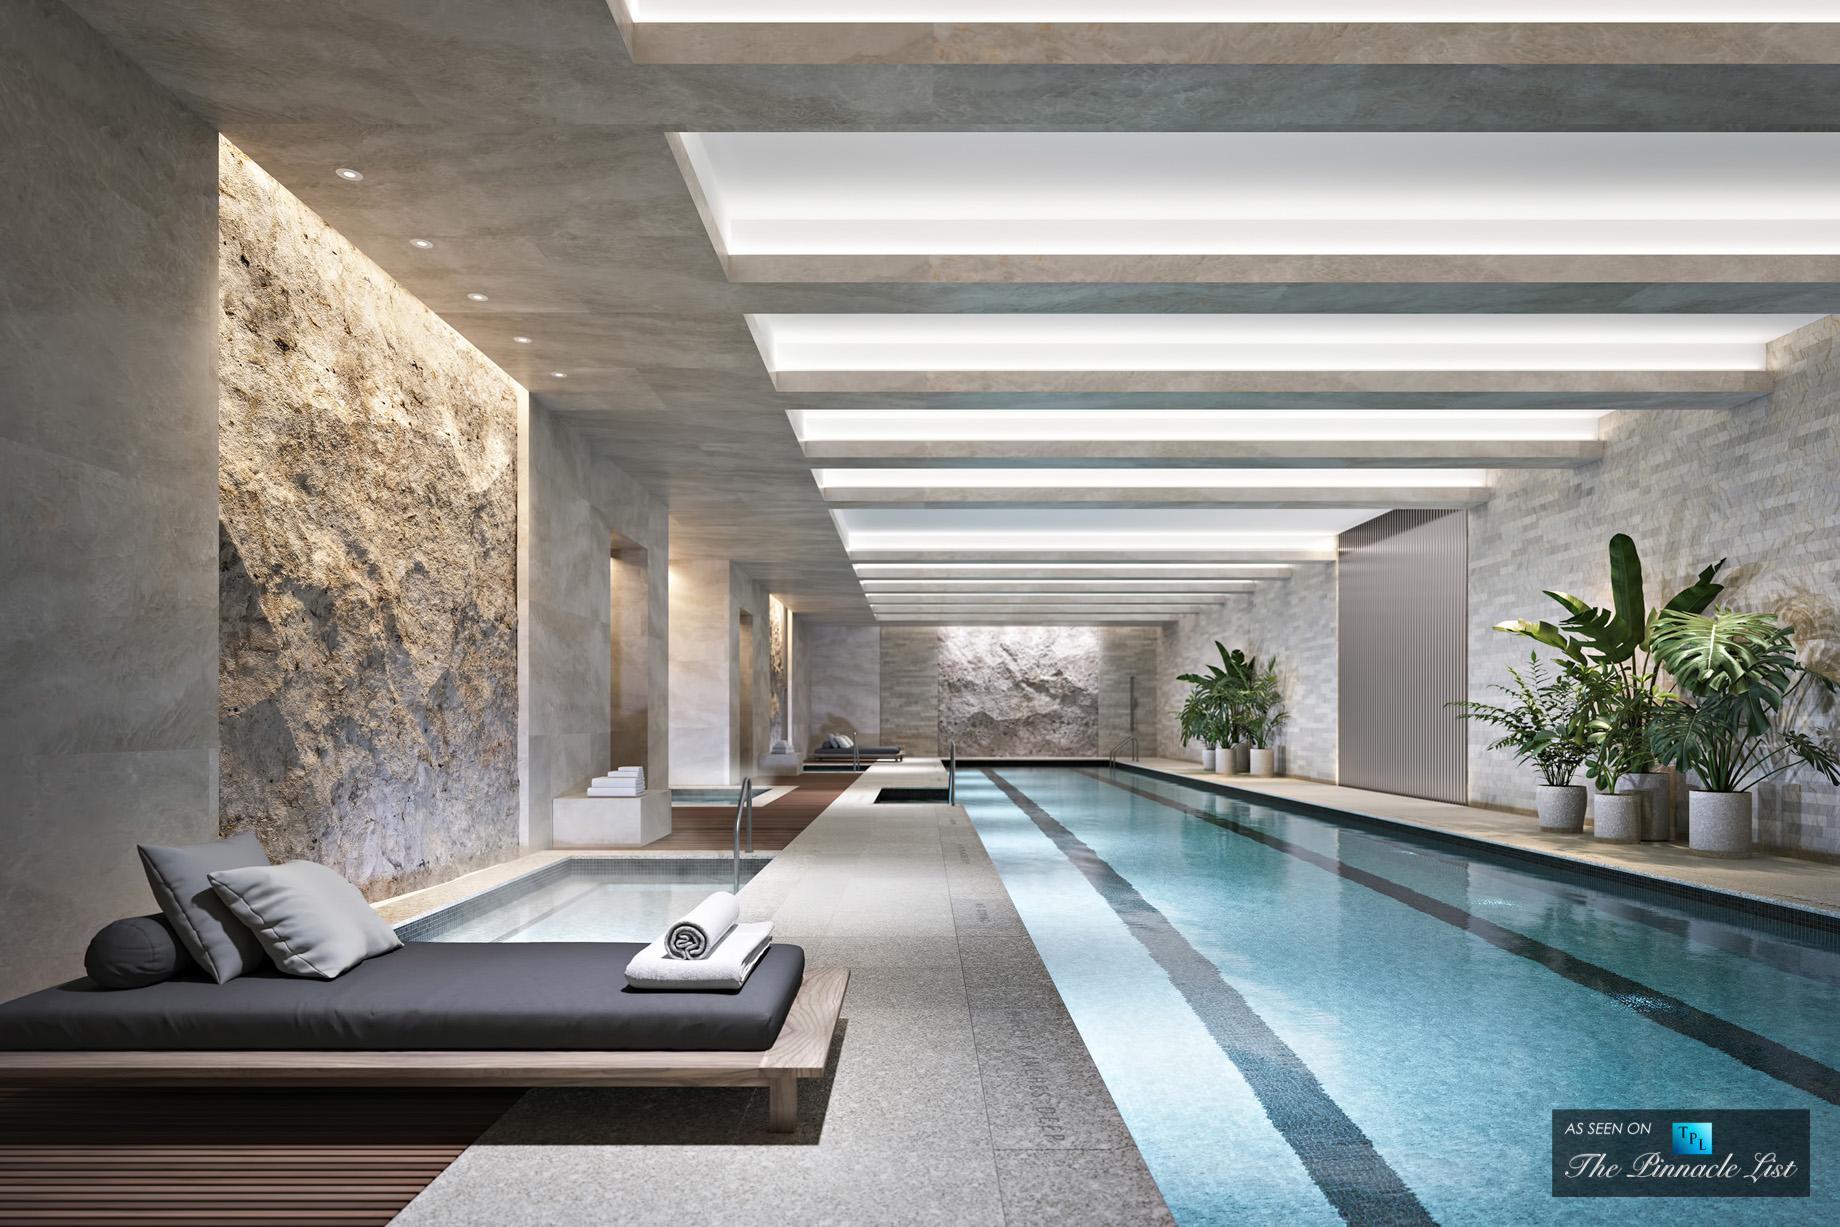 70 Vestry Swimming Pool - 70 Vestry St, New York, NY 10013, USA